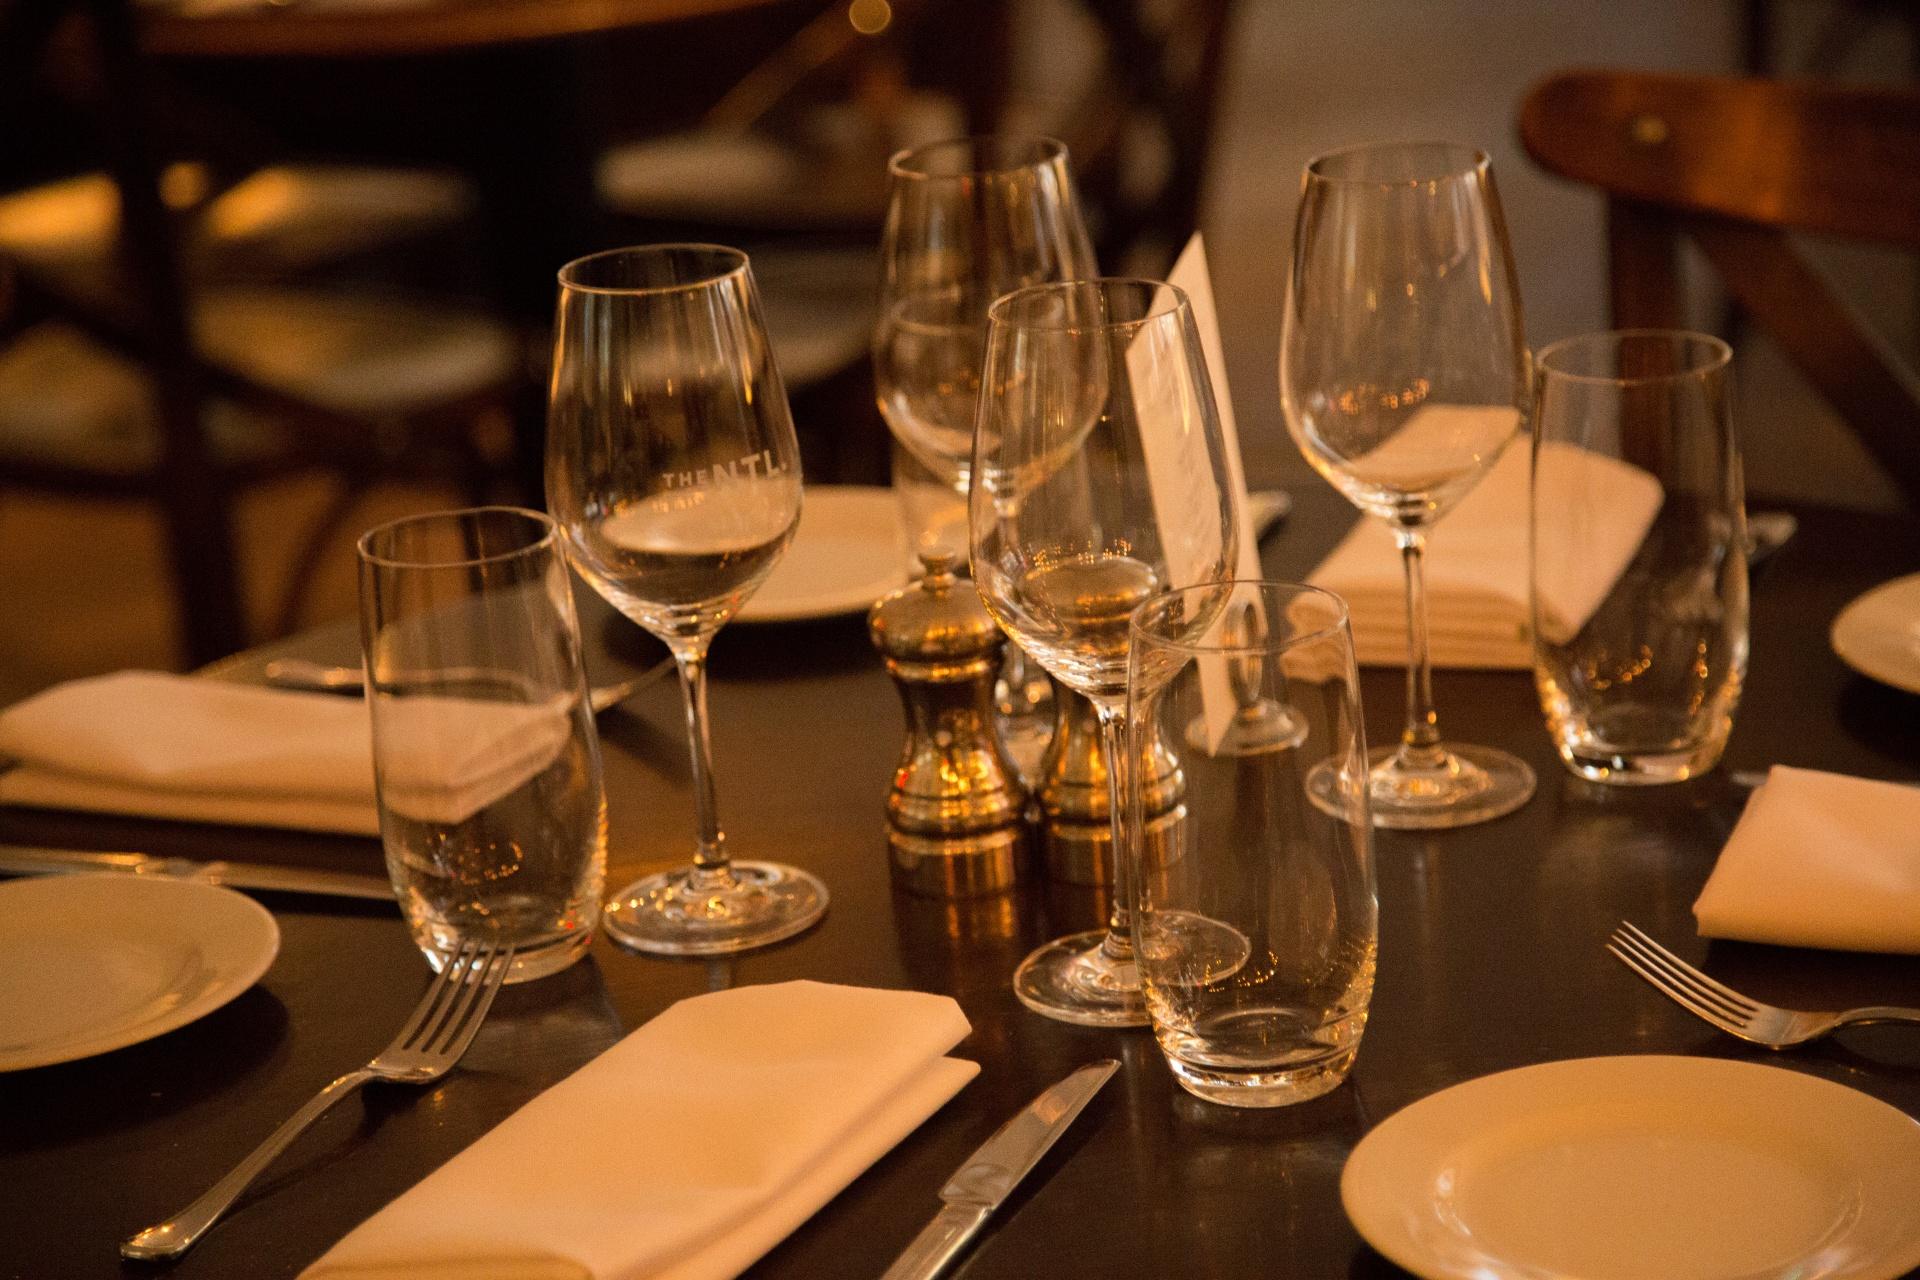 Гость, посетитель или клиент? Кто посещает рестораны?